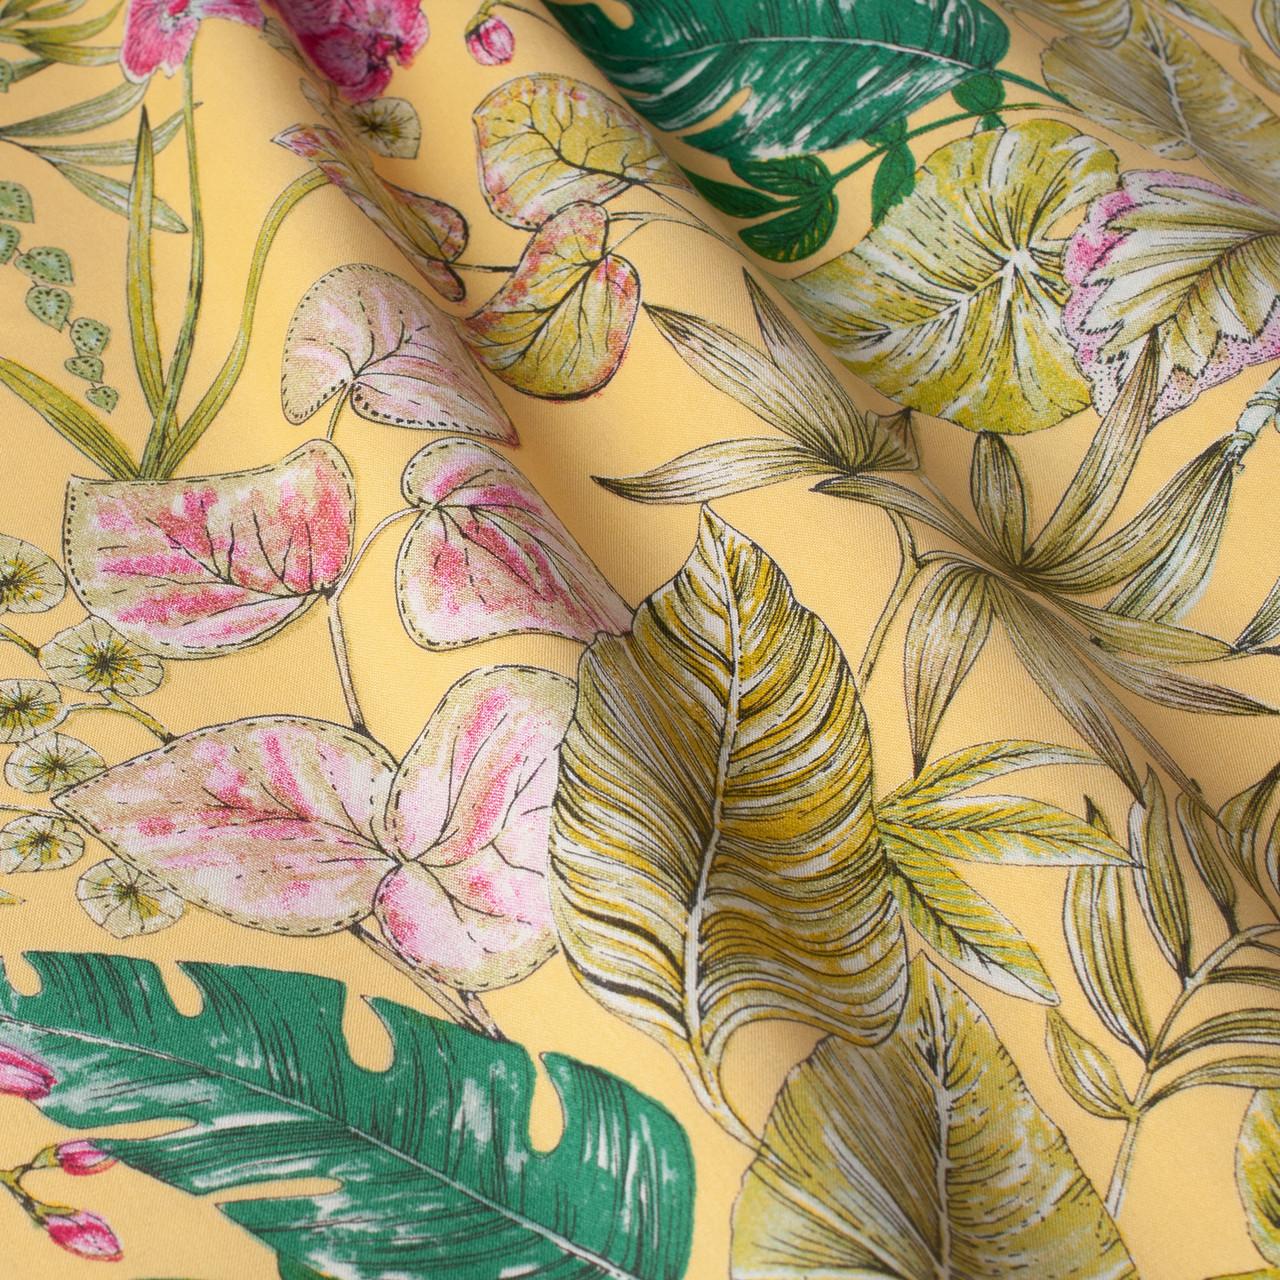 Уличная ткань с крупными желтыми листьями и розовыми бутонами 160см 84638v2